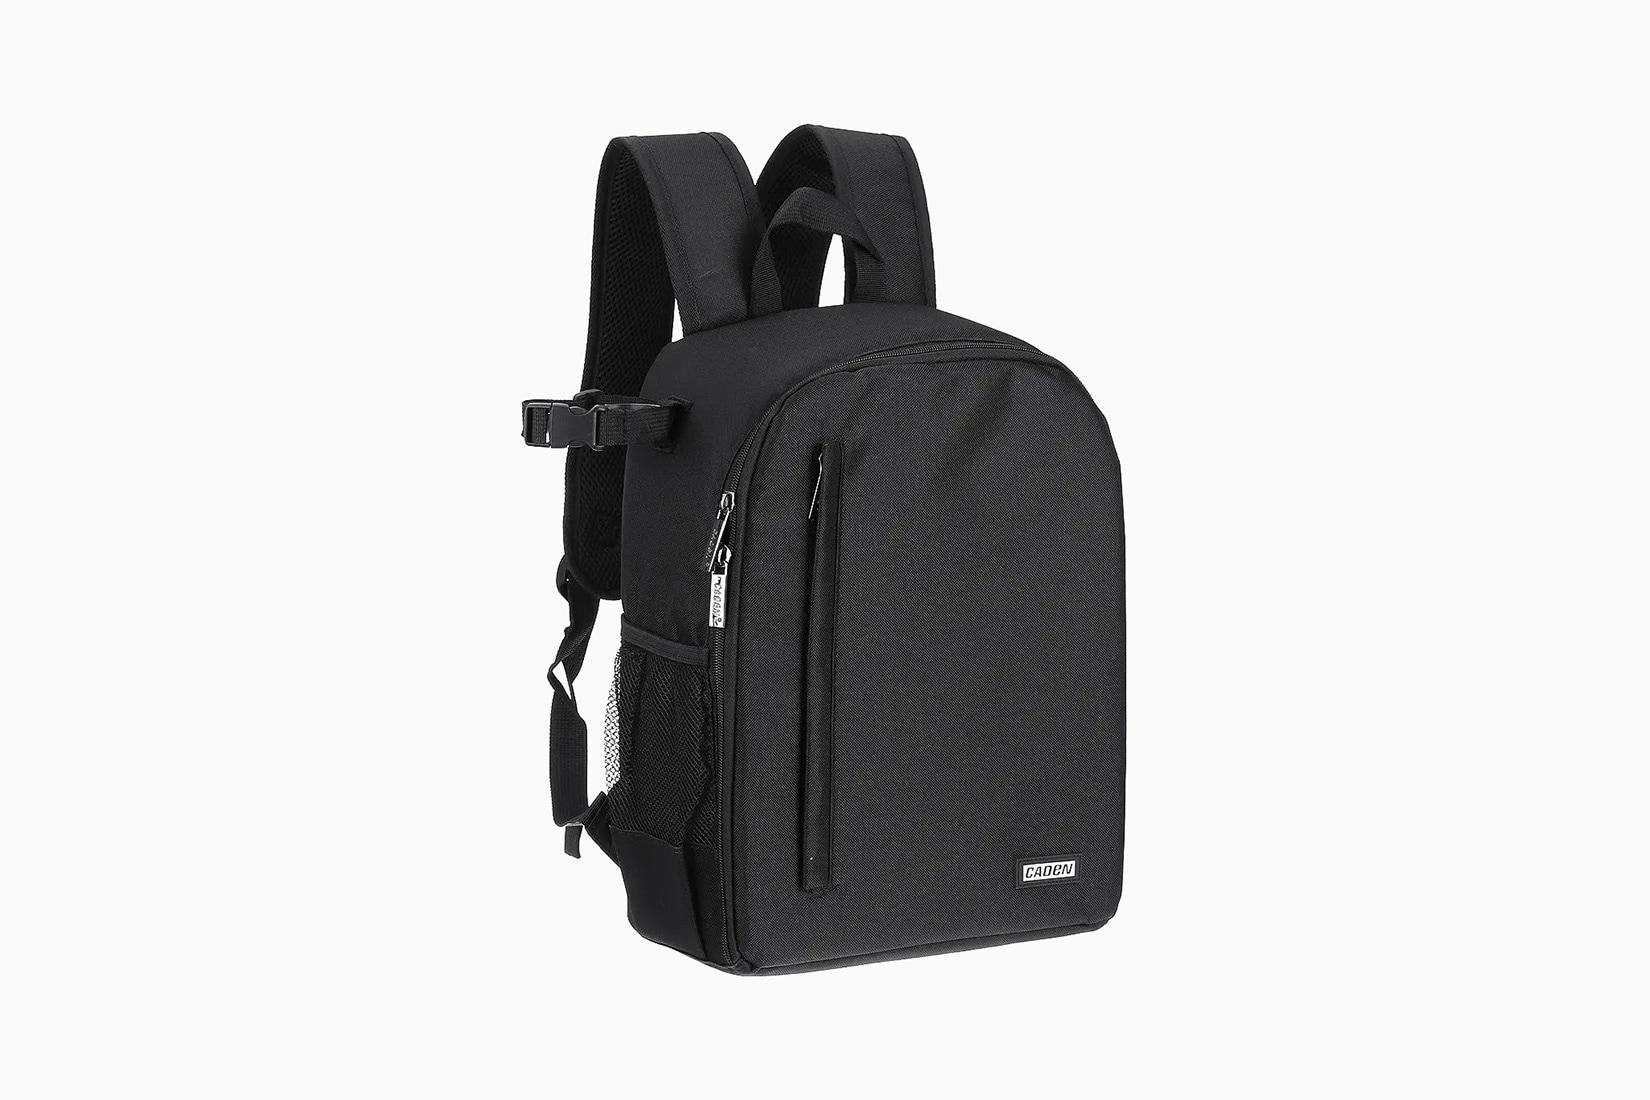 best camera backpacks caden - Luxe Digital